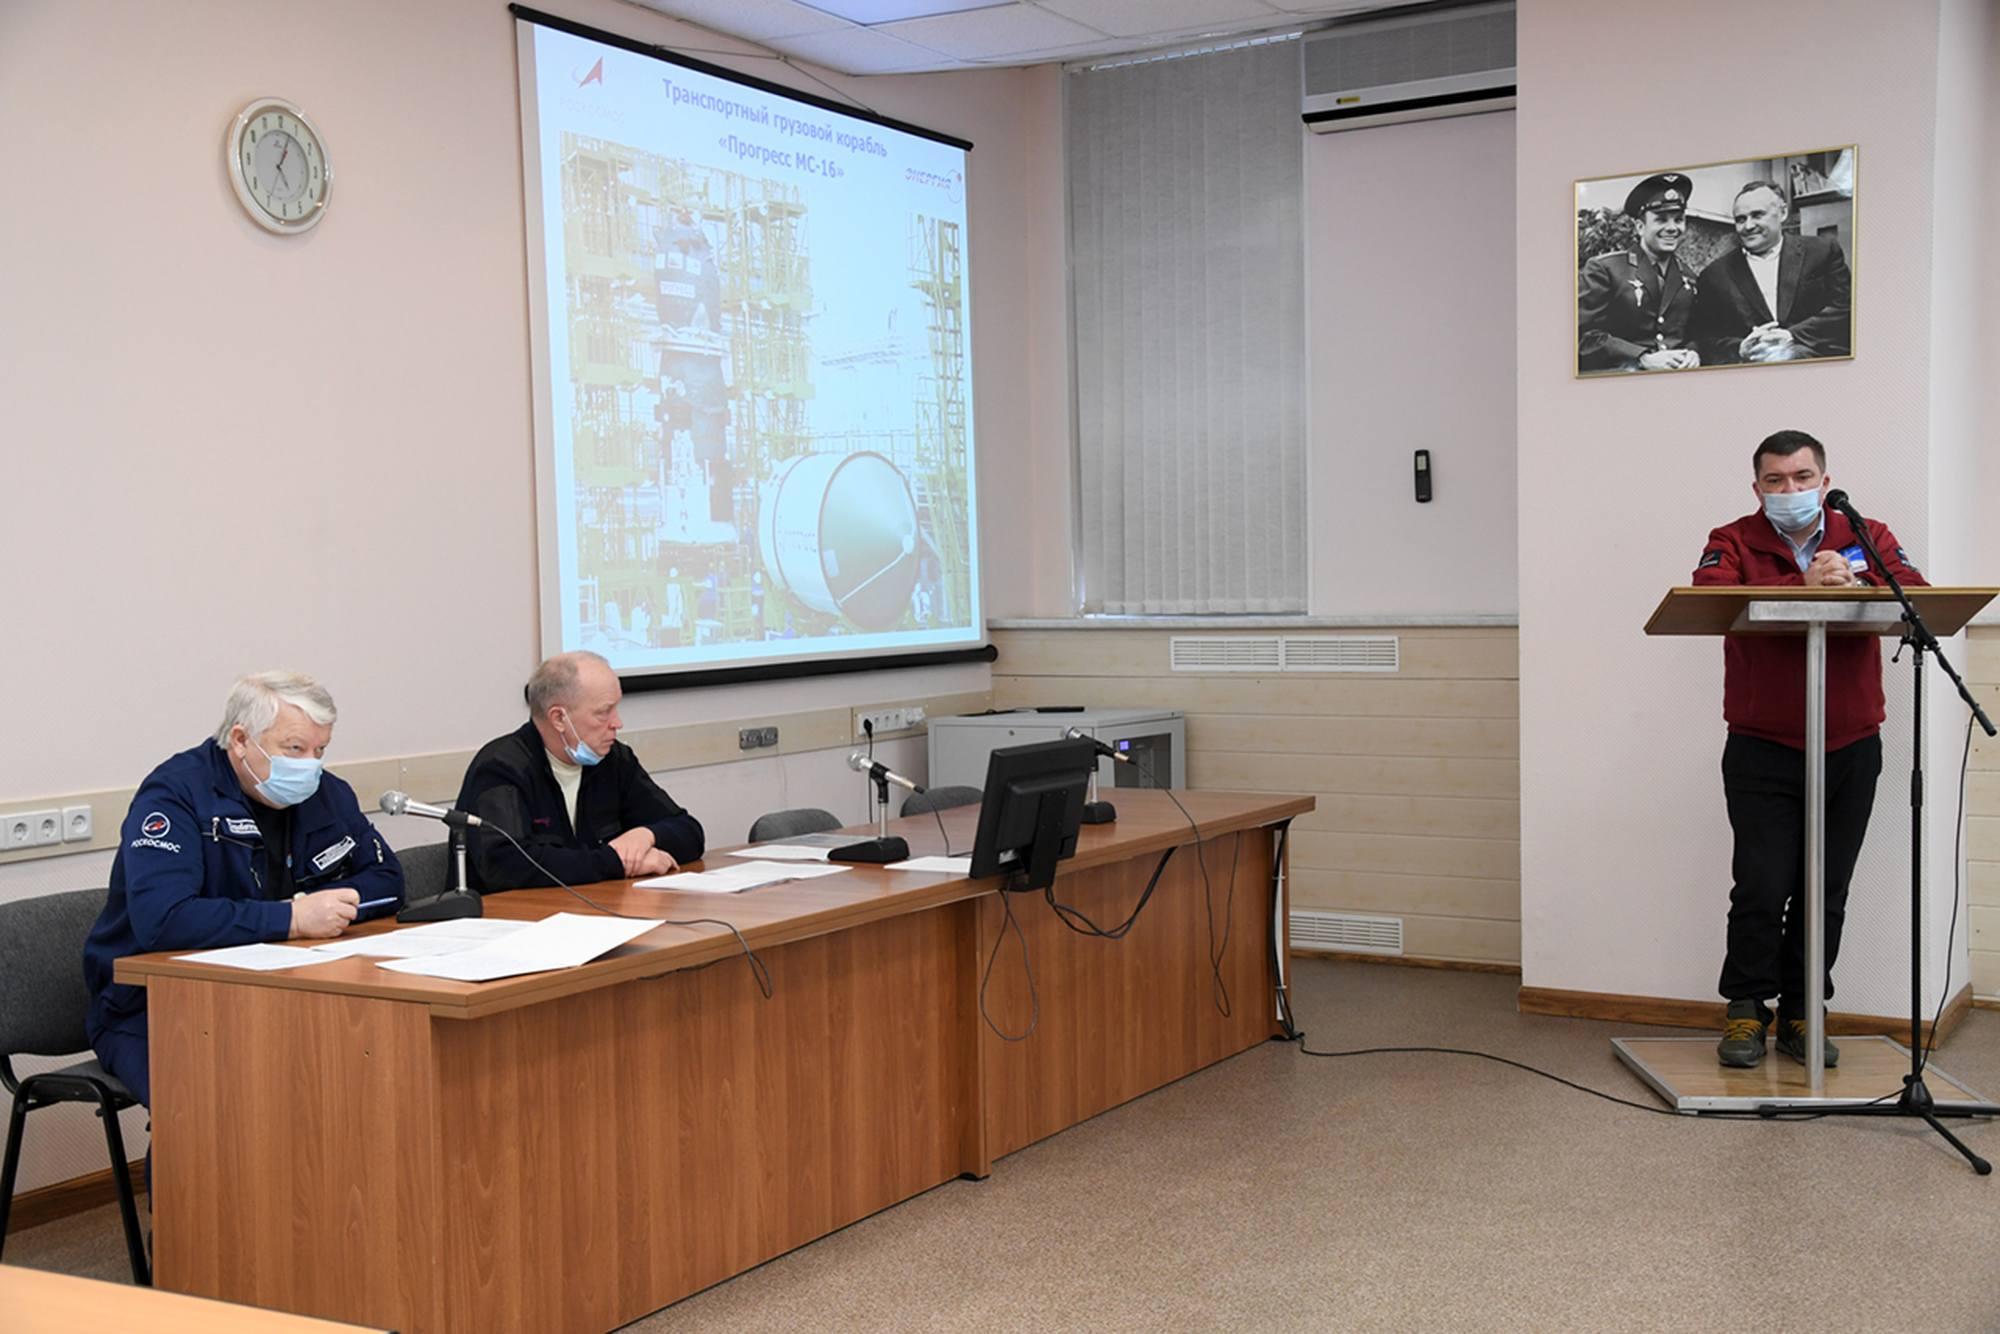 Réunion de la commission de suivi technique de la préparation au lancement (dite Commission d'Etat) à 17h heure de Baïkonour.